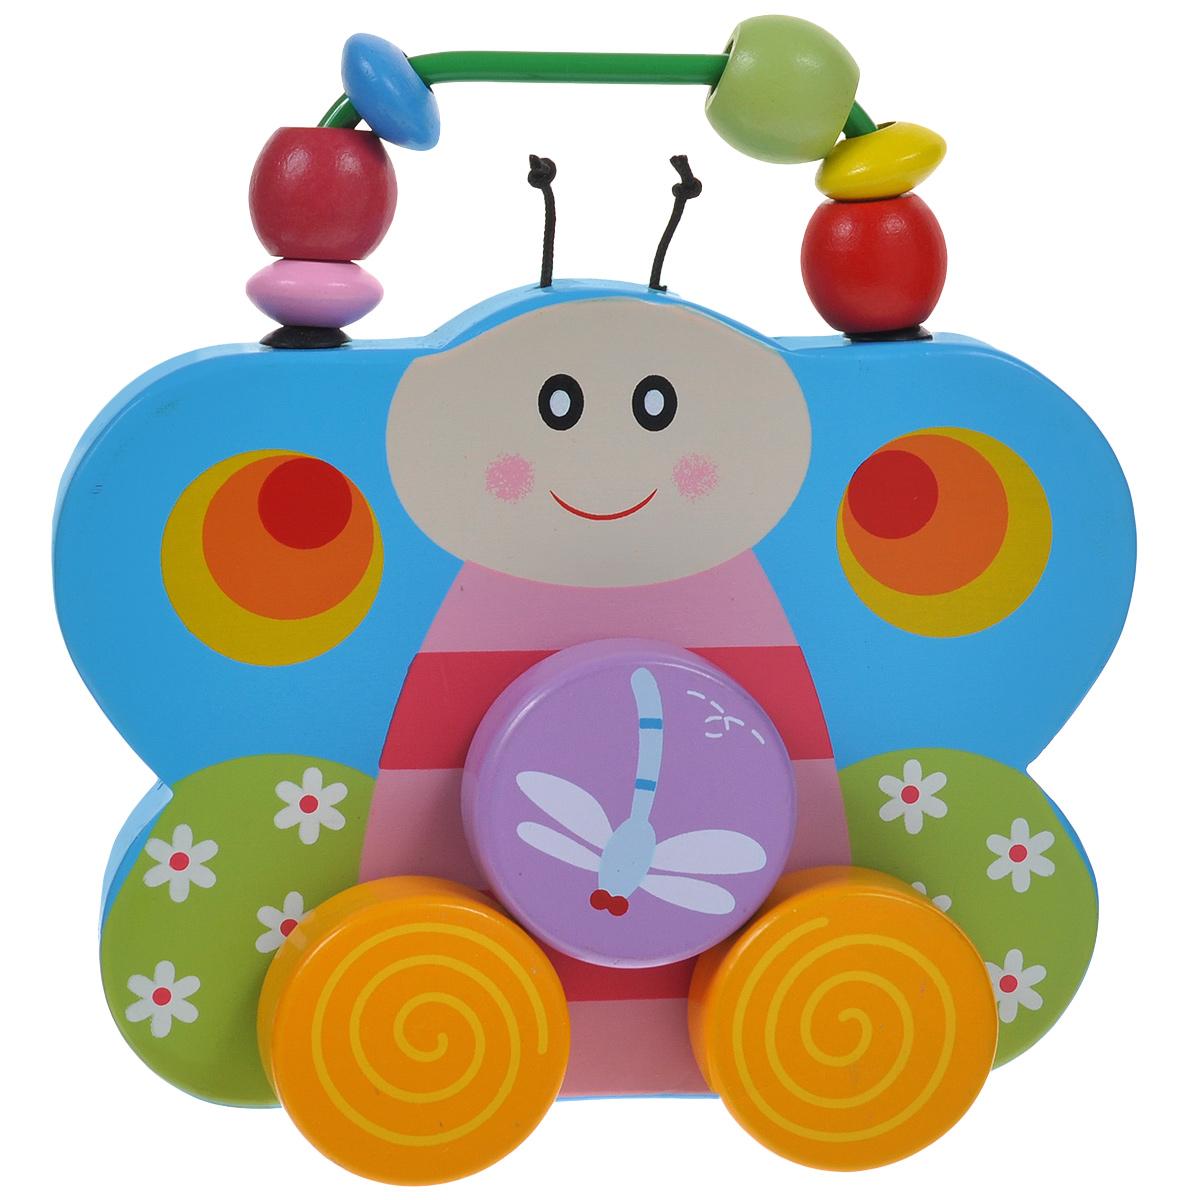 Mapacha Деревянная игрушка-каталка Бабочка76428Деревянная игрушка-каталка Mapacha Бабочка непременно понравится вашему малышу и подойдет для игры как дома, так и на свежем воздухе. Она выполнена из дерева с использованием нетоксичных красок в виде красочной бабочки с двумя текстильными усиками. Края игрушки закруглены, чтобы избежать вероятности травмирования. В верхней части игрушки расположена металлическая дуга с нанизанными на нее деревянными бусинами разных форм и цветов. Ребенок сможет перебирать из пальчиками, тренируя мелкую моторику рук. Бабочка оснащена четырьмя колесиками. С обеих сторон над ними находится еще одно колесико с изображением стрекозы. Когда малыш катает игрушку, стрекоза крутится вместе с остальными колесиками. Игрушка-каталка Mapacha Бабочка развивает пространственное мышление, цветовое восприятие, ловкость, равновесие и координацию движений. Контрастное оформление бабочки стимулируют развитие координации глаз, учат следить за мелкими движущимися объектами.